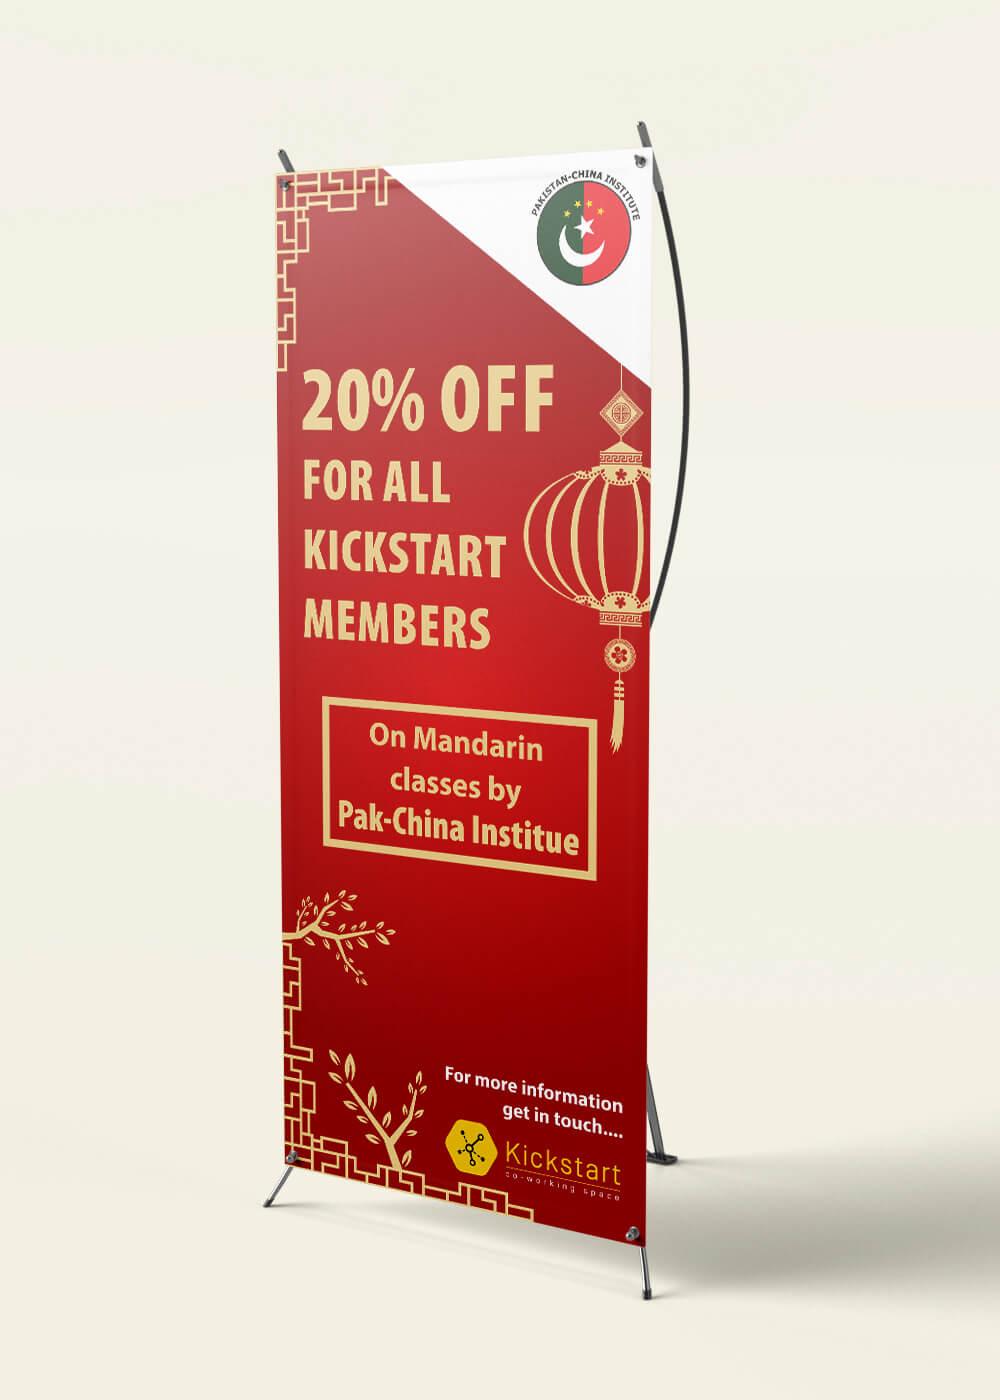 PakChina - Kickstart - Collaboration